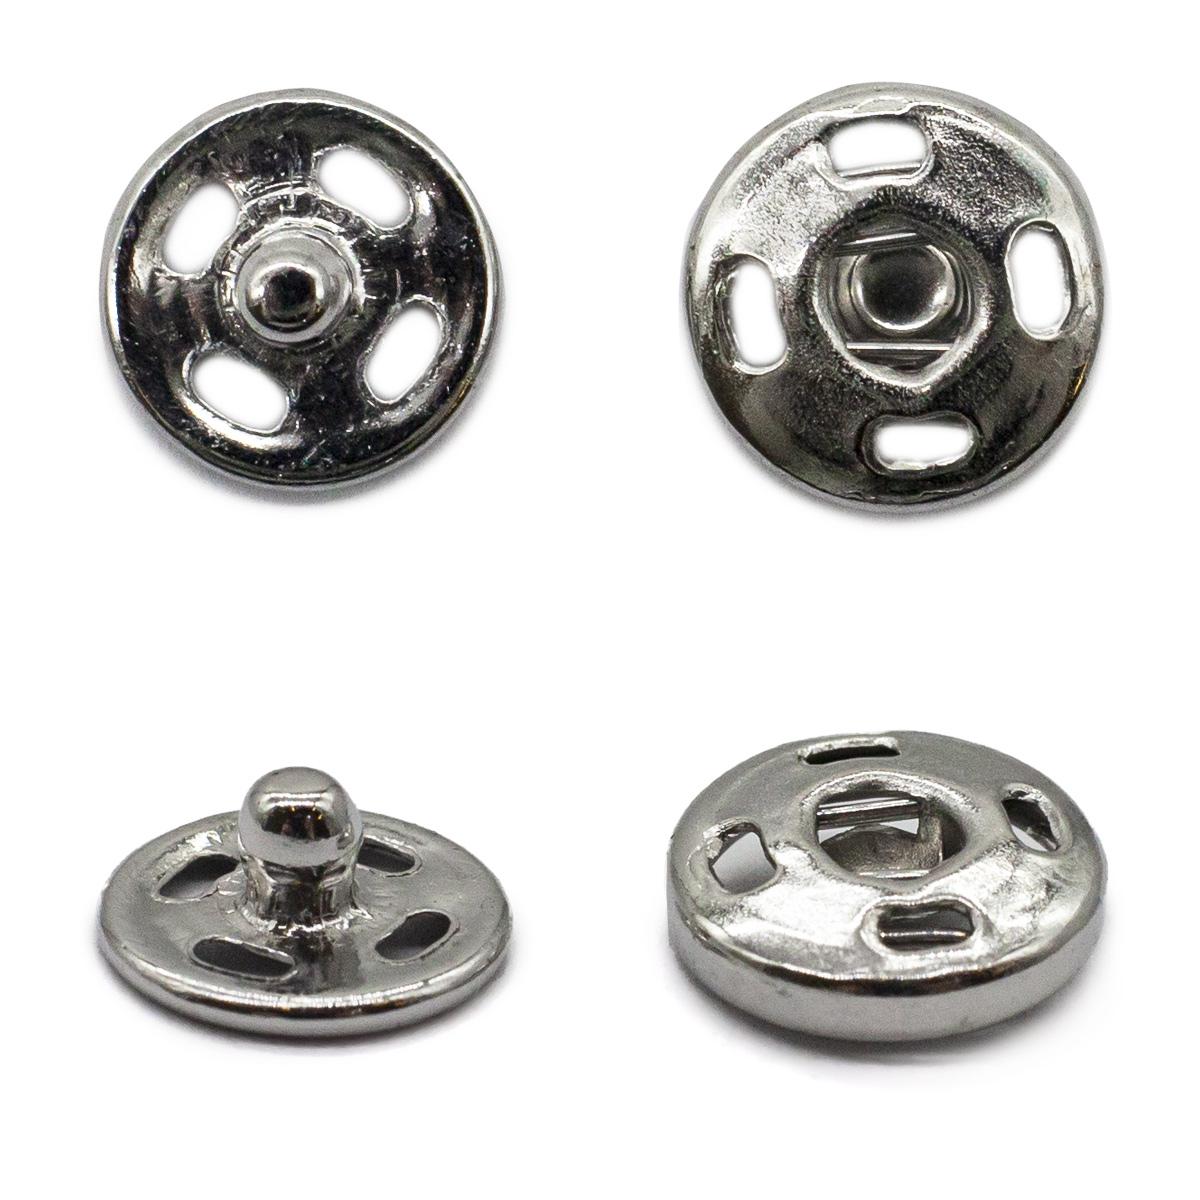 Кнопка пришивная PBM-0 мет. 8,2мм. ник. (36шт.) Кф (0300-5100)